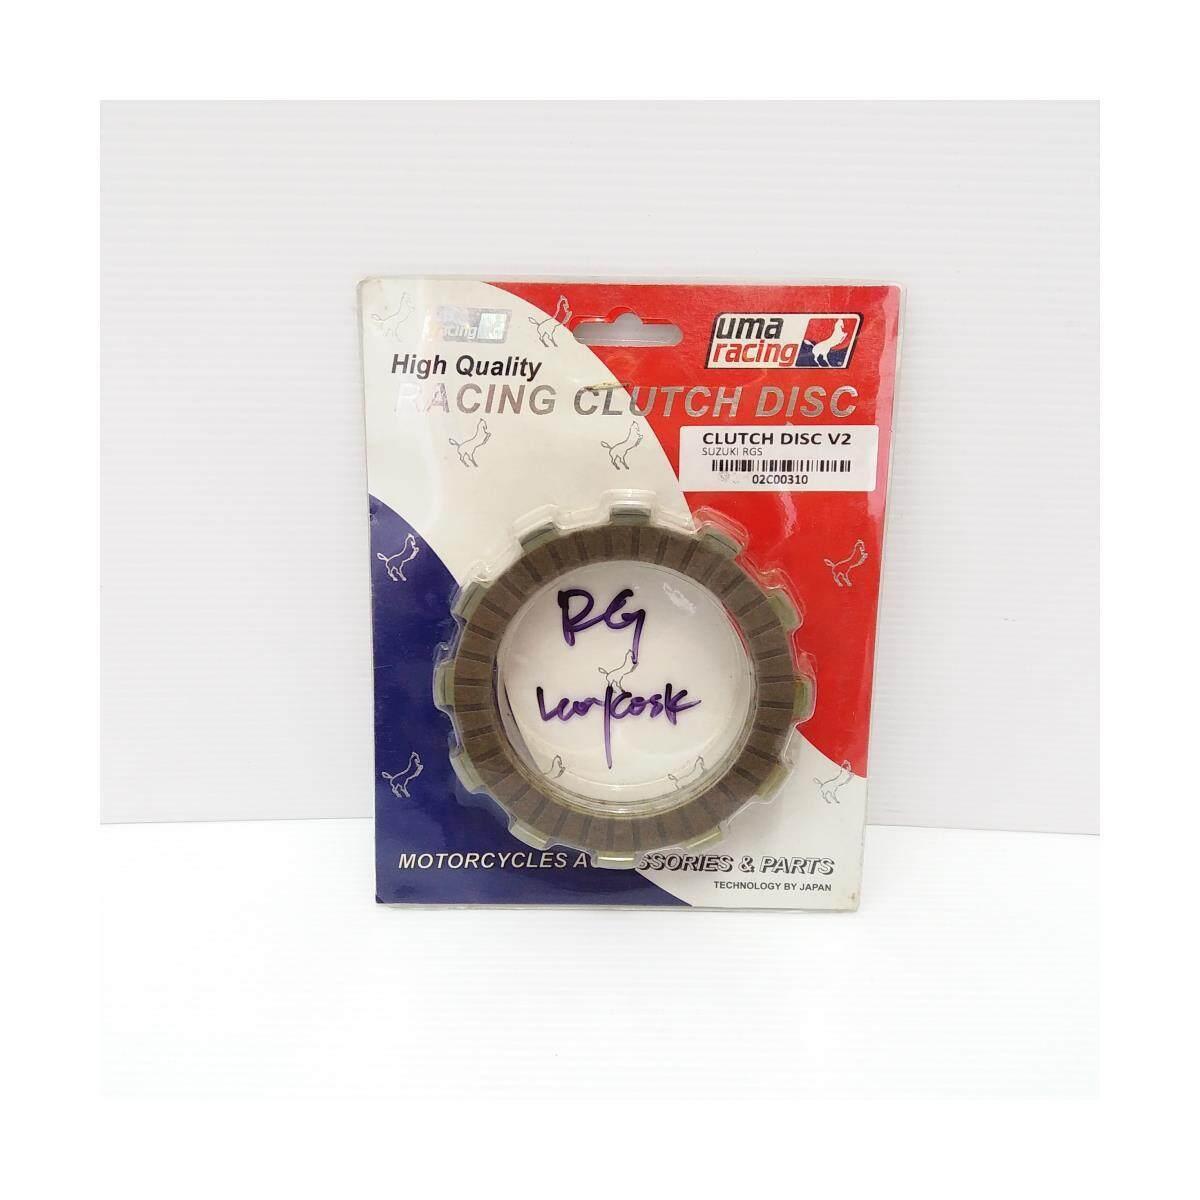 CLUTCH PLATE/DISC V2 – RG SPORT (UMA RACING)